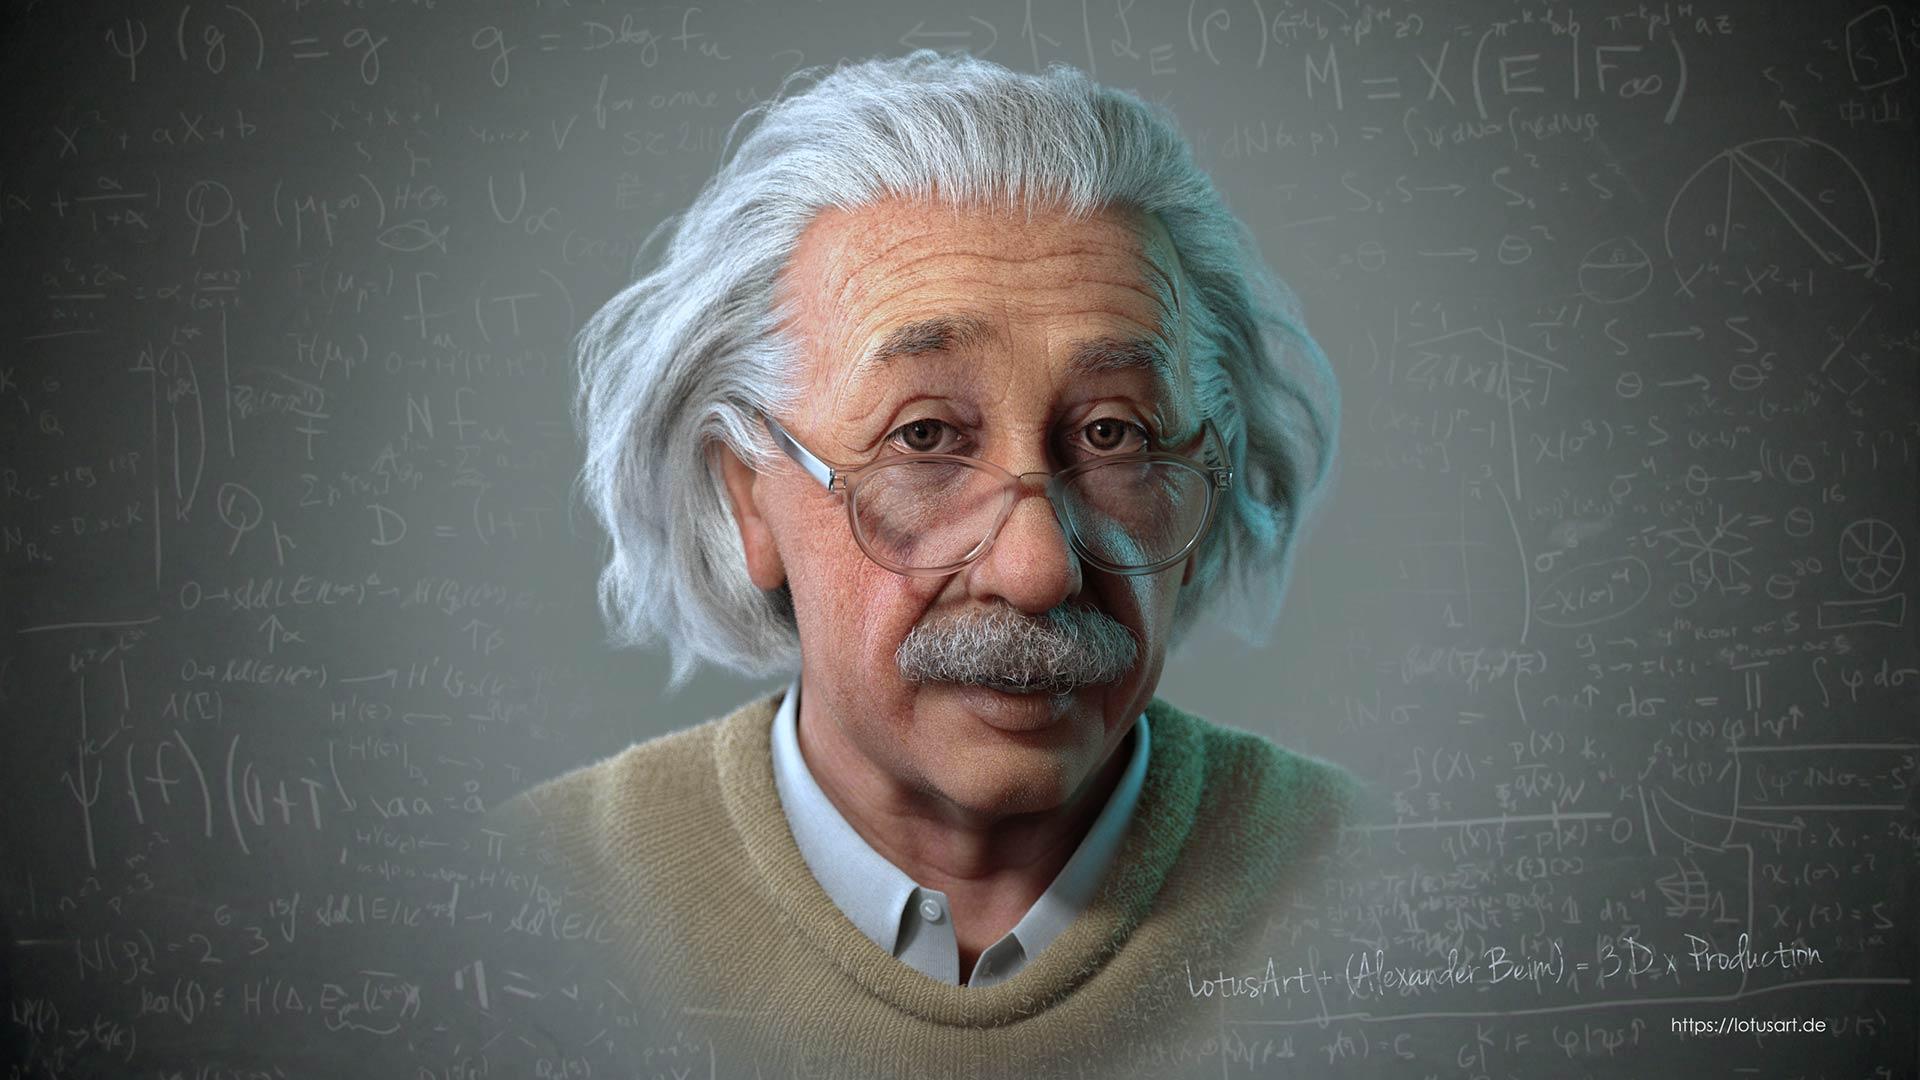 albert_einstein_3d_character_face_animation_rekonstruktion Albert Einstein 3D Porträt für ein Hologram